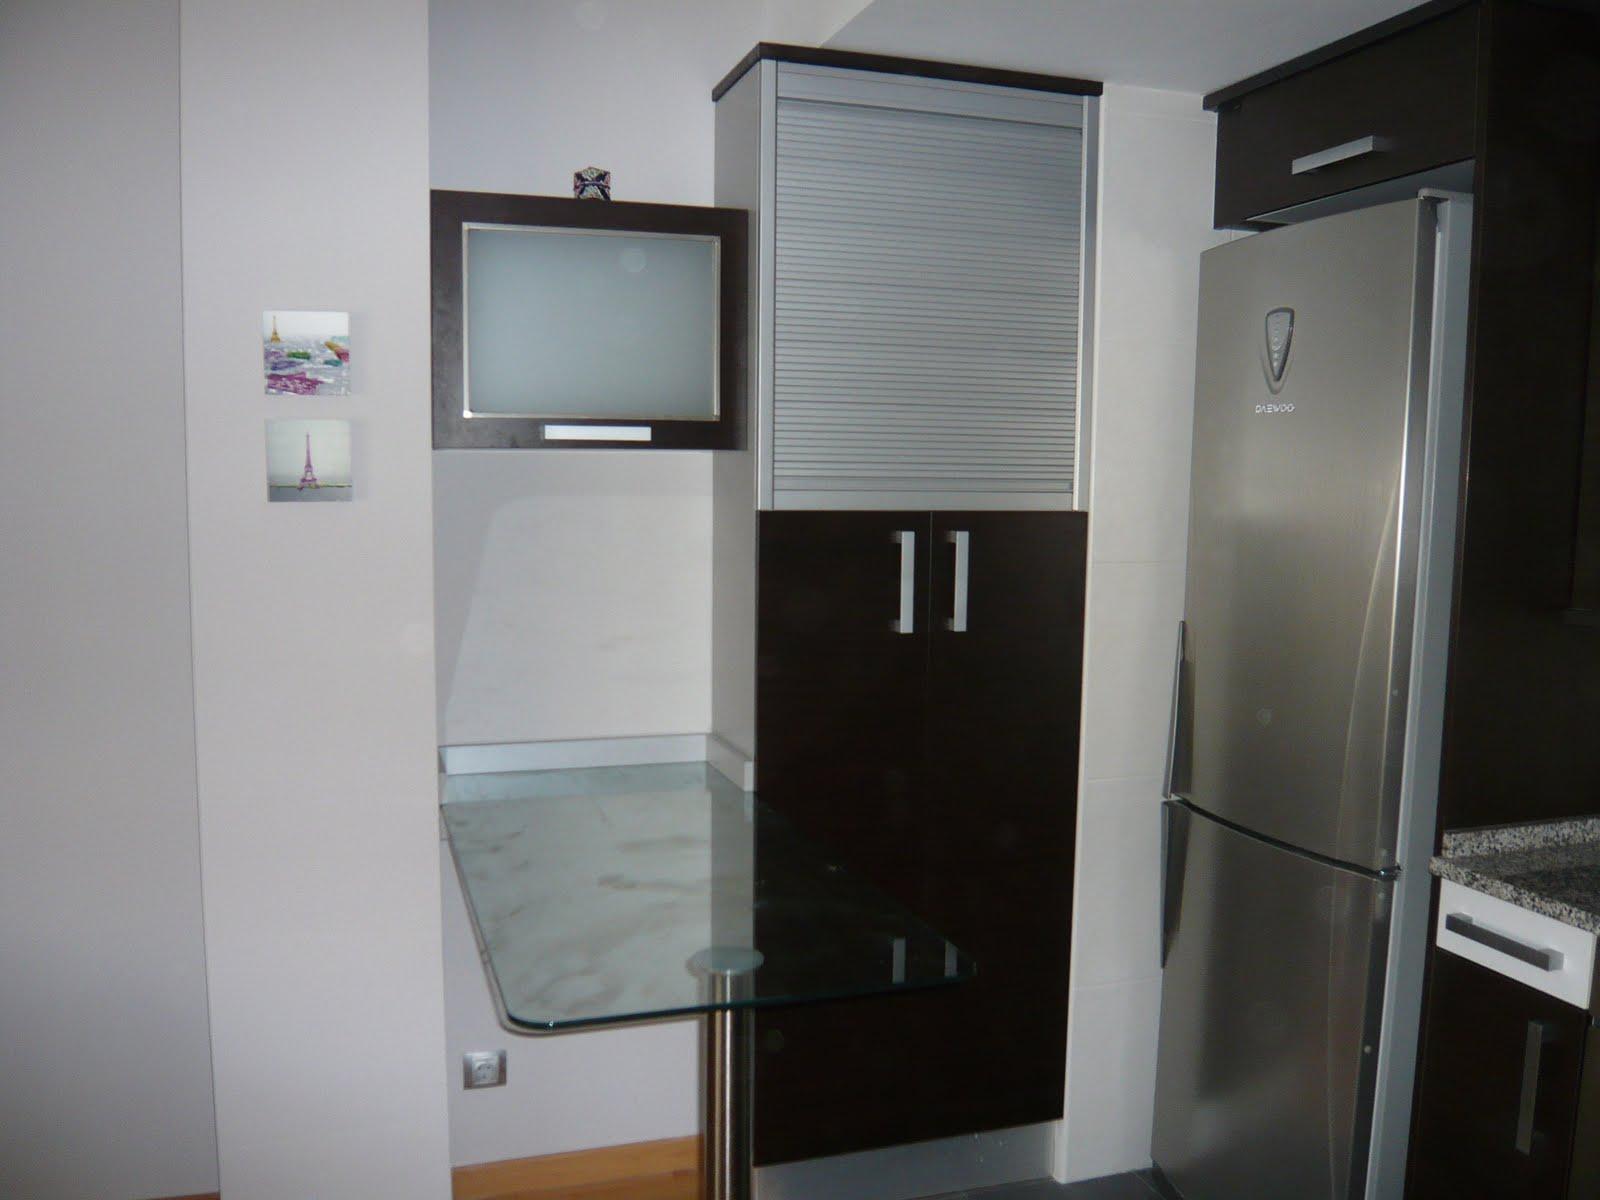 Reuscuina ampliacion muebles de cocina for Muebles de cocina xoane